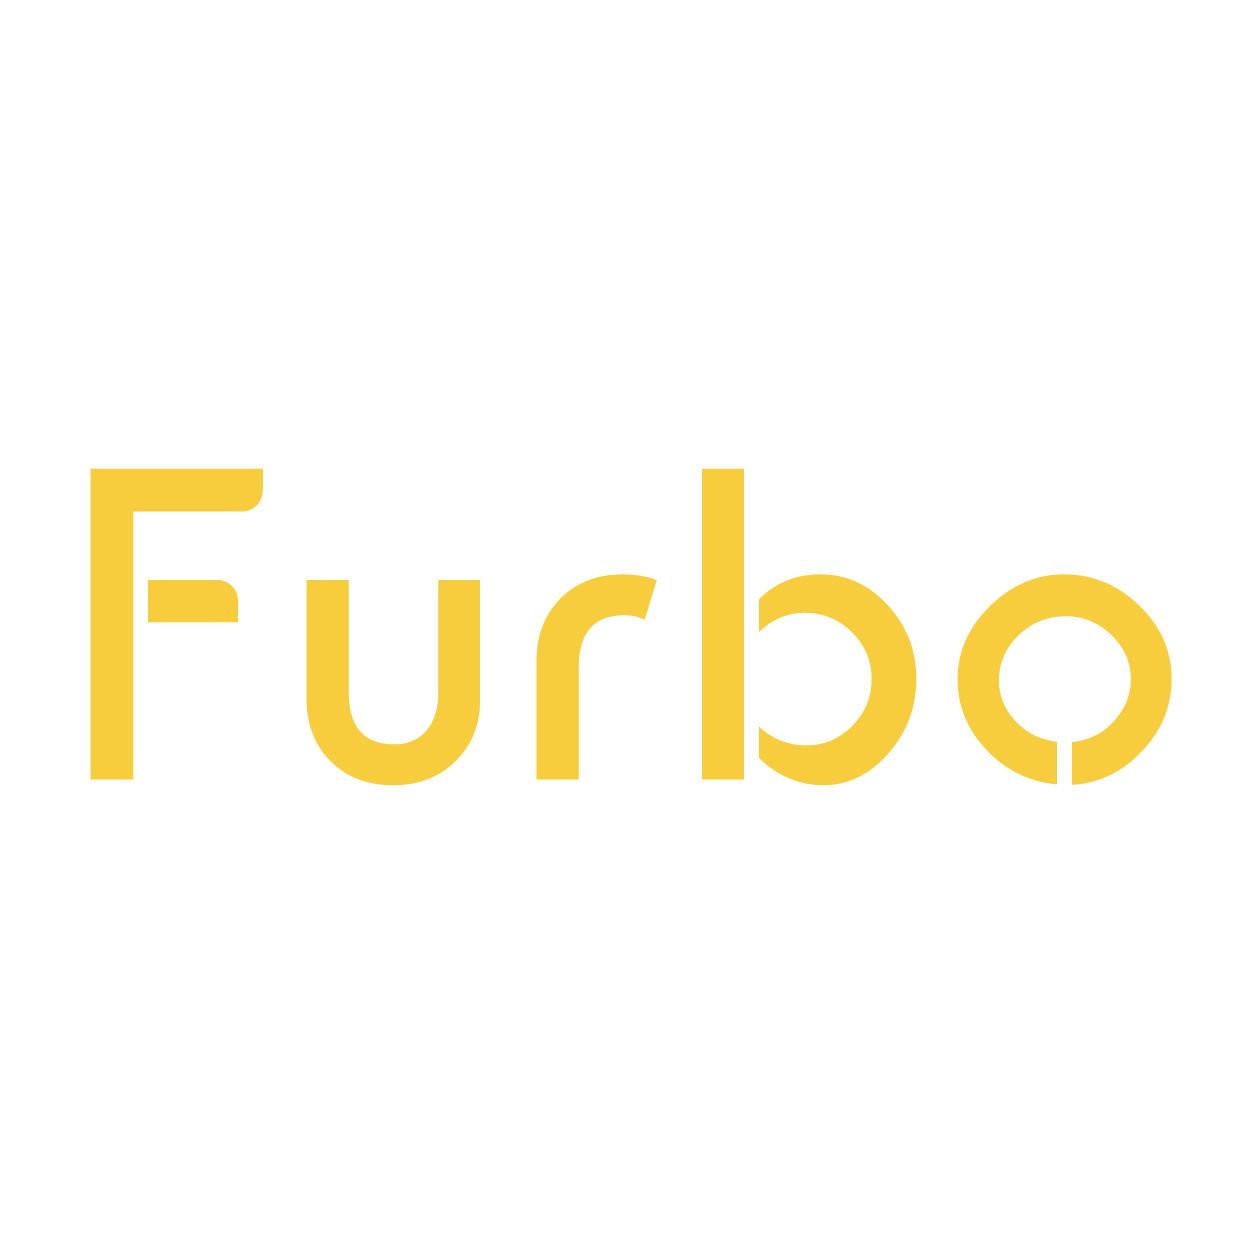 Furbo logo.jpg